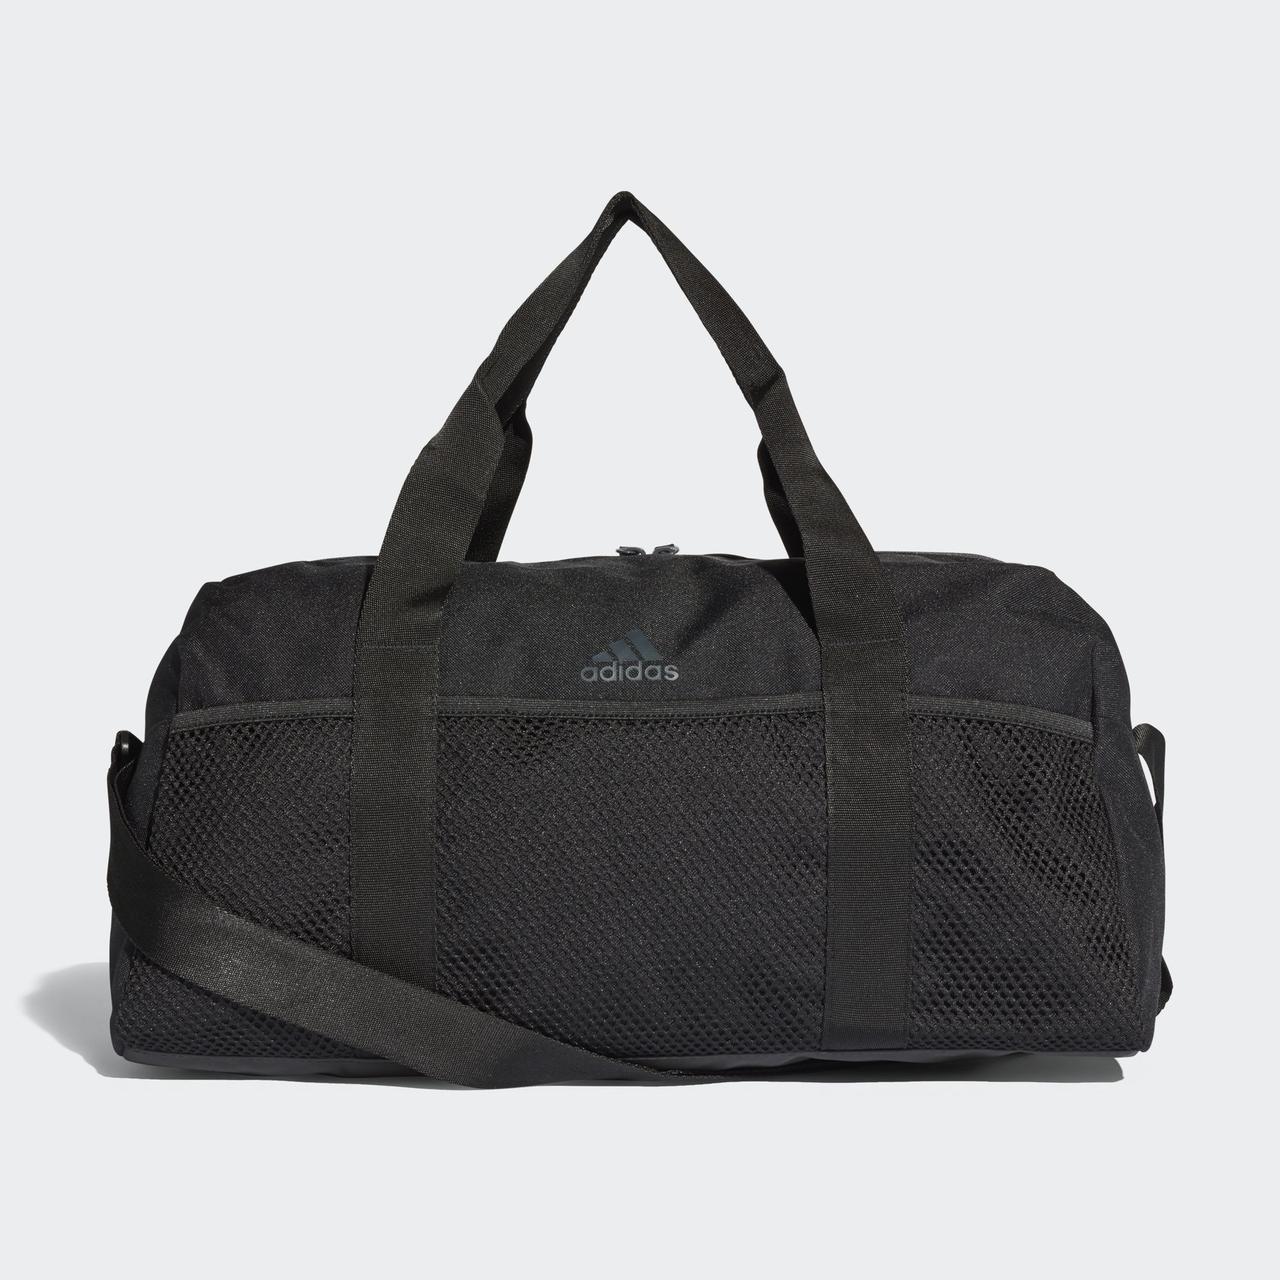 9ceb7415 Спортивная сумка Core: продажа, цена в Харькове. спортивные сумки от ...